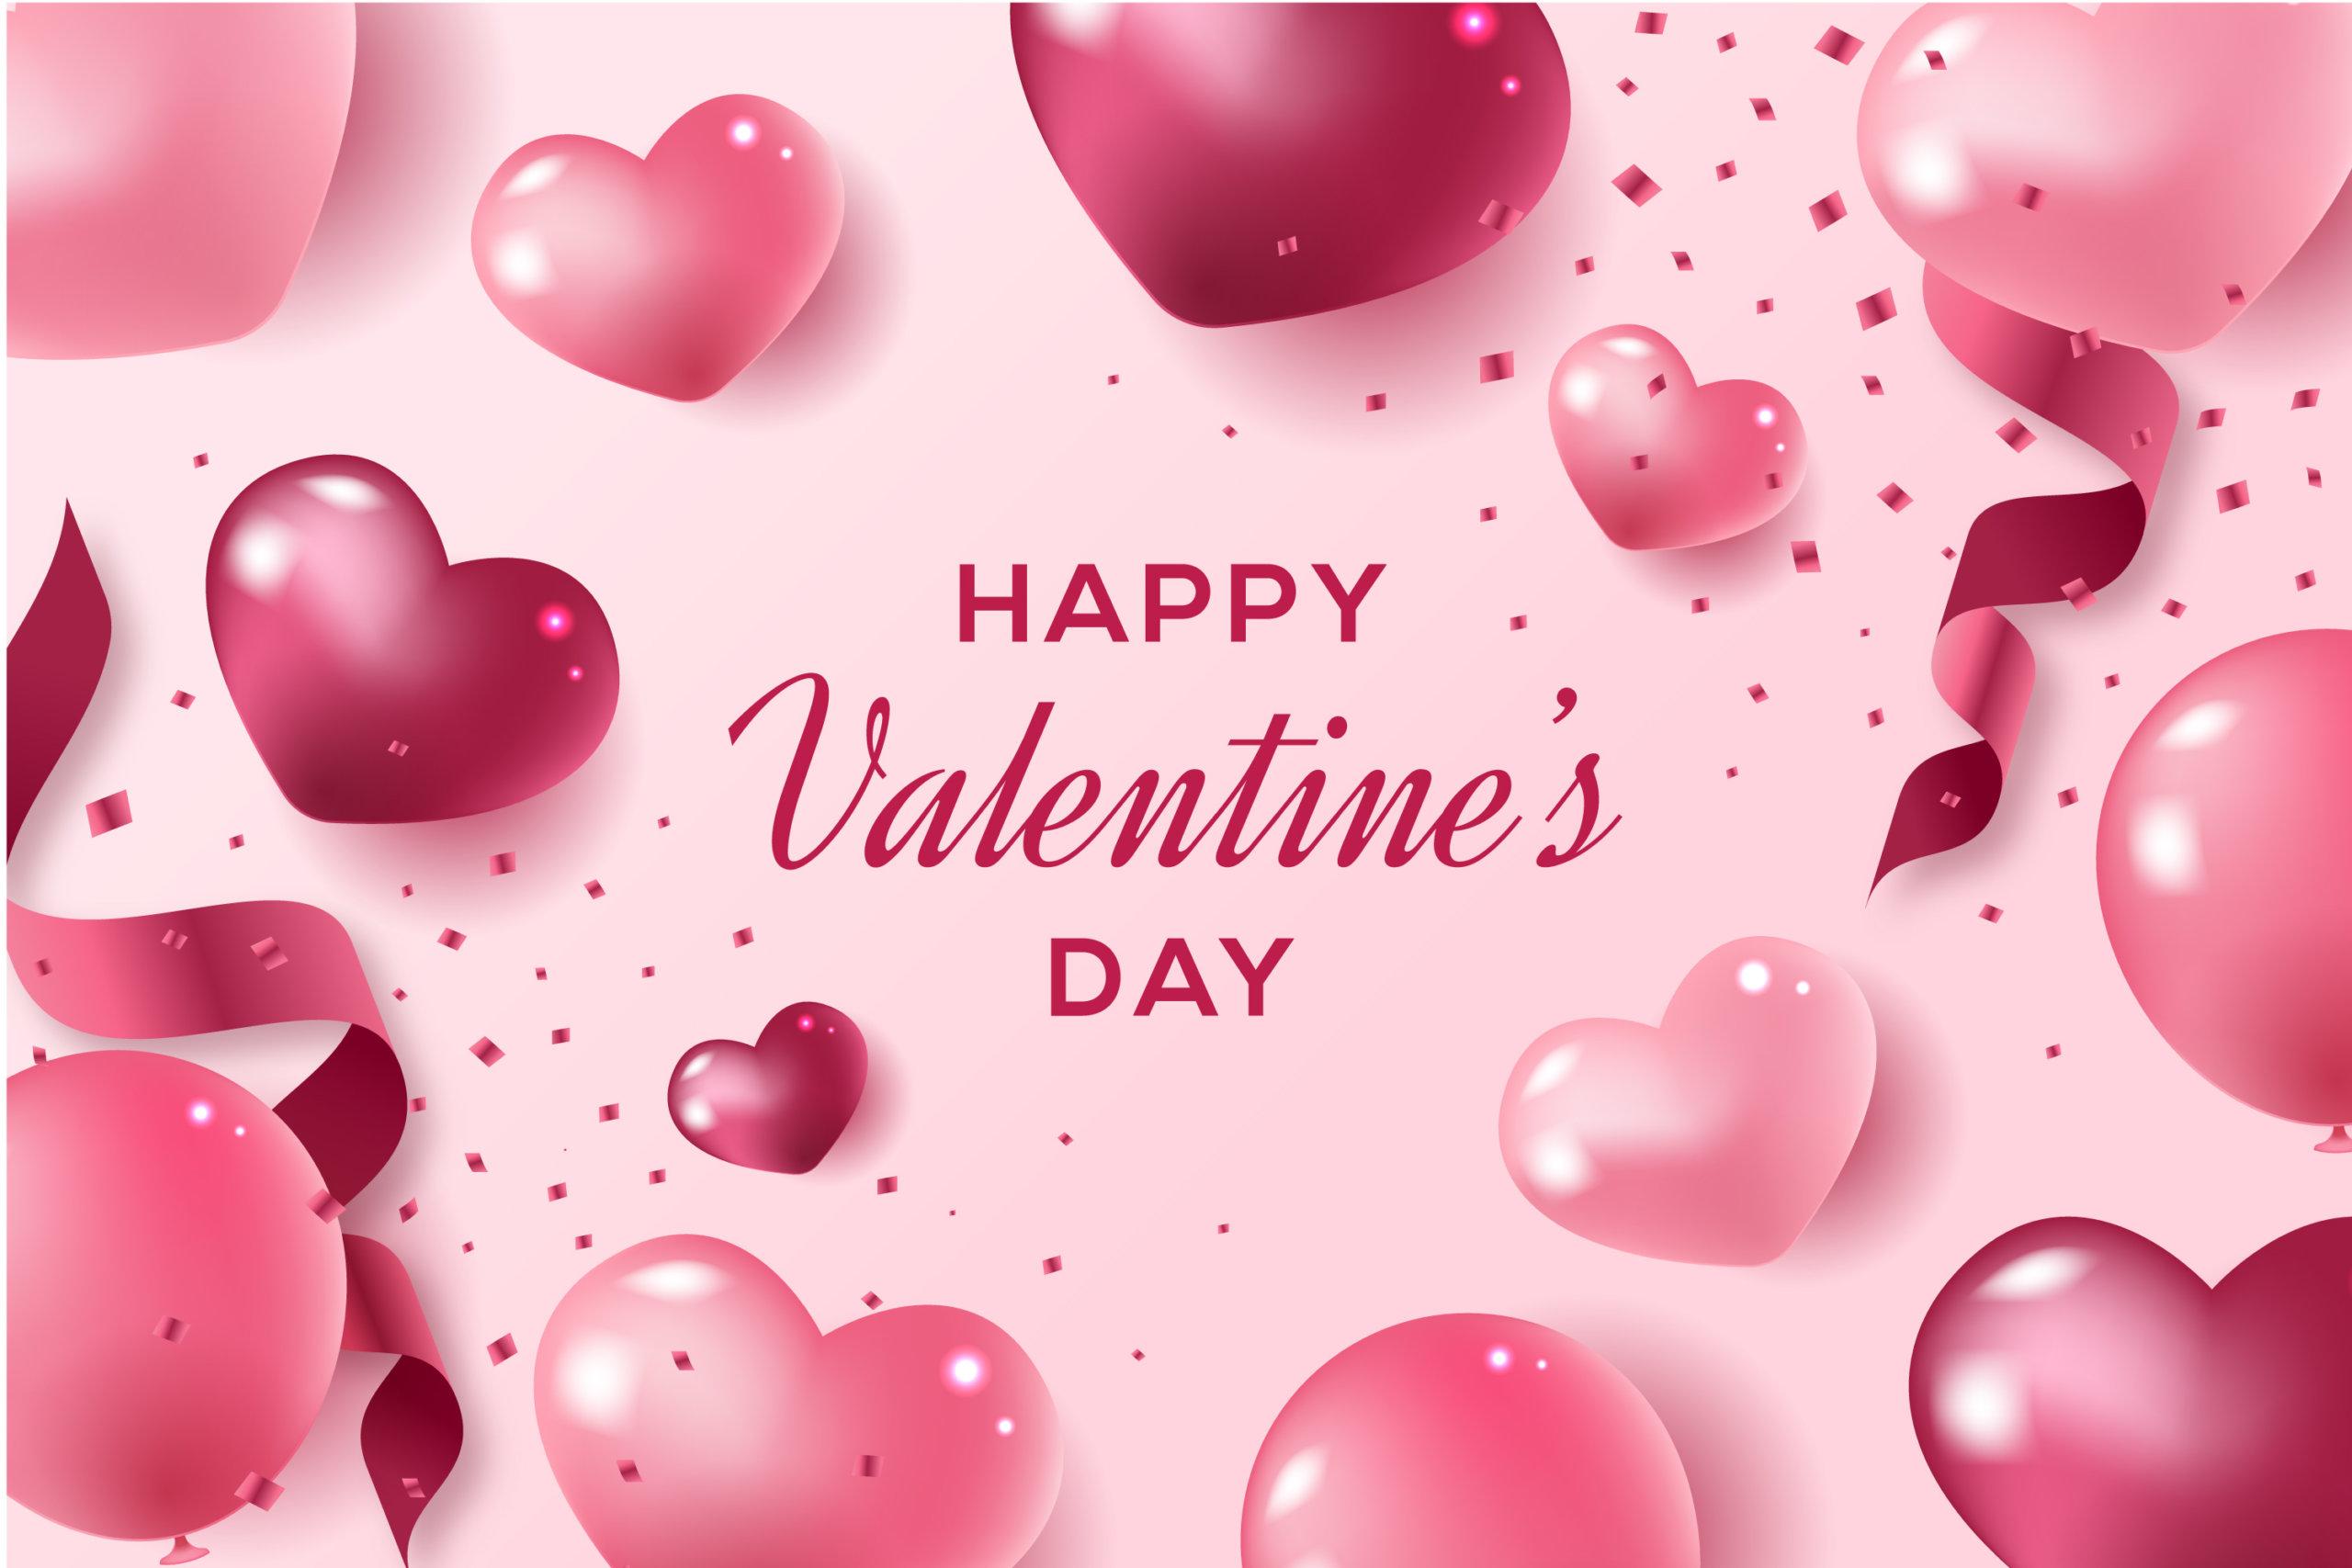 16款七夕节情人节爱心心形公益慈善海报传单AI设计素材 Valentines Day Love Promotion Poster插图7